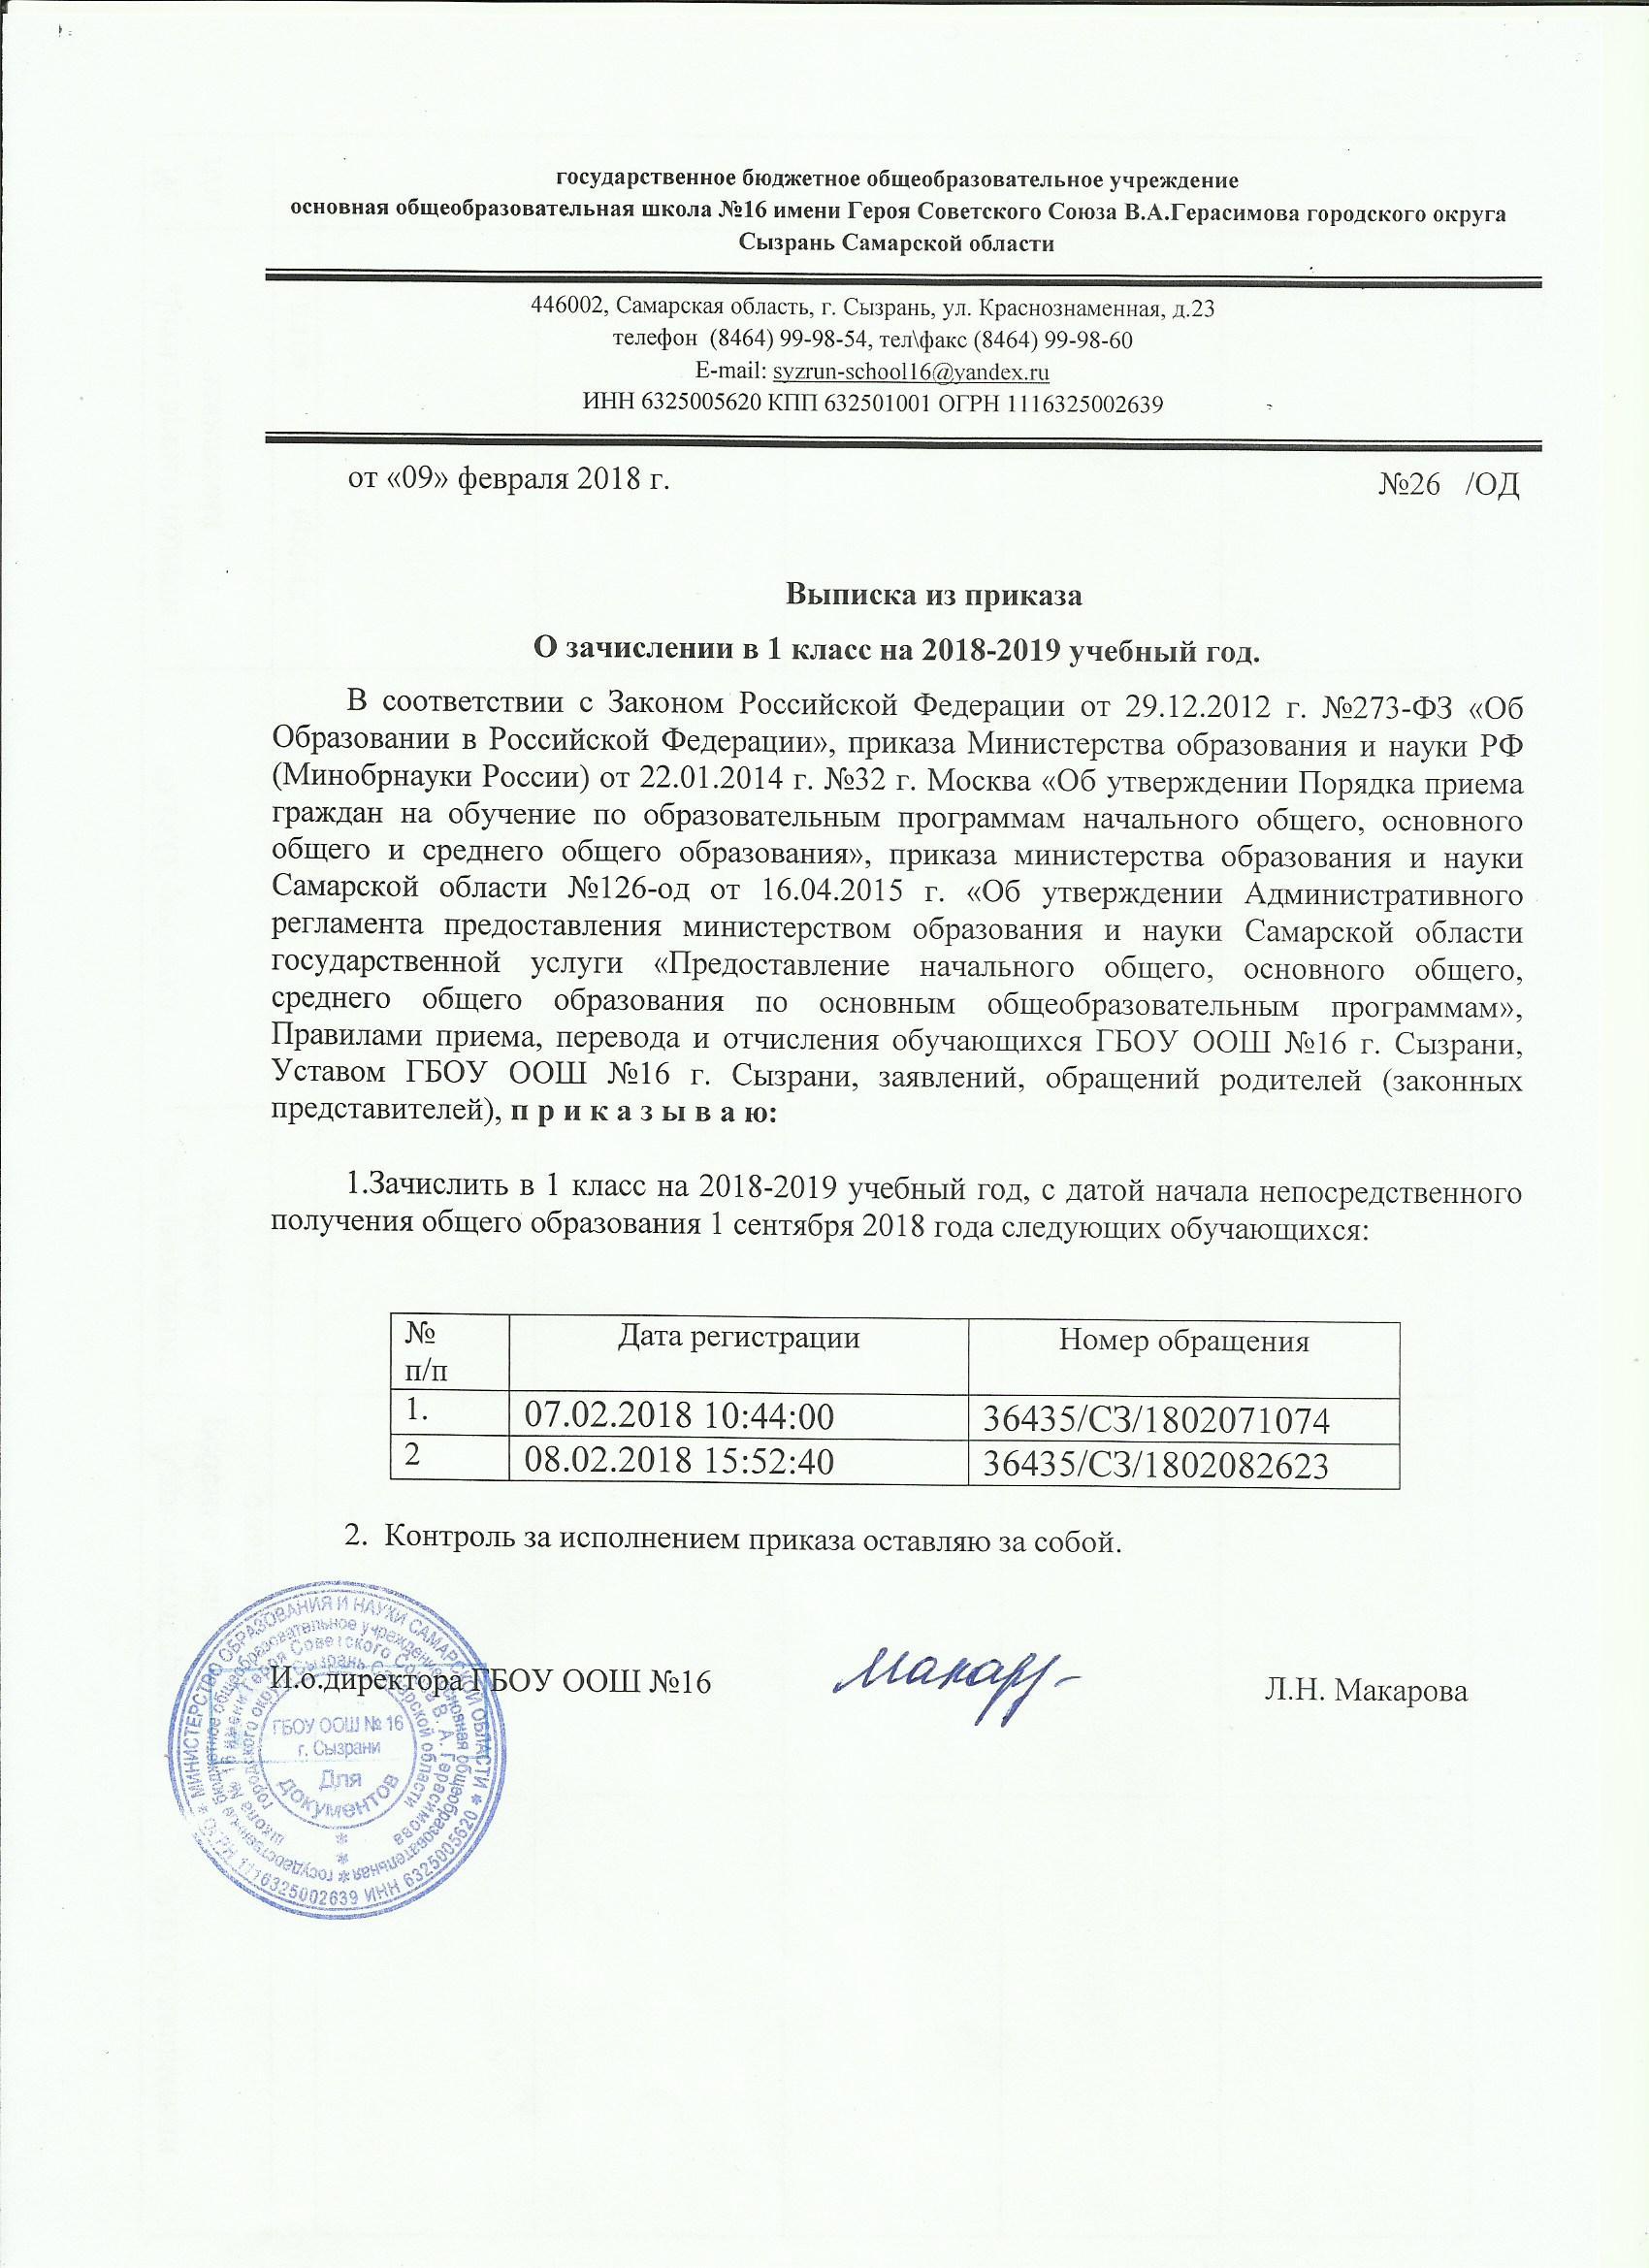 Инструкция по делопроизводству от 11 01 2018г 01 05 02